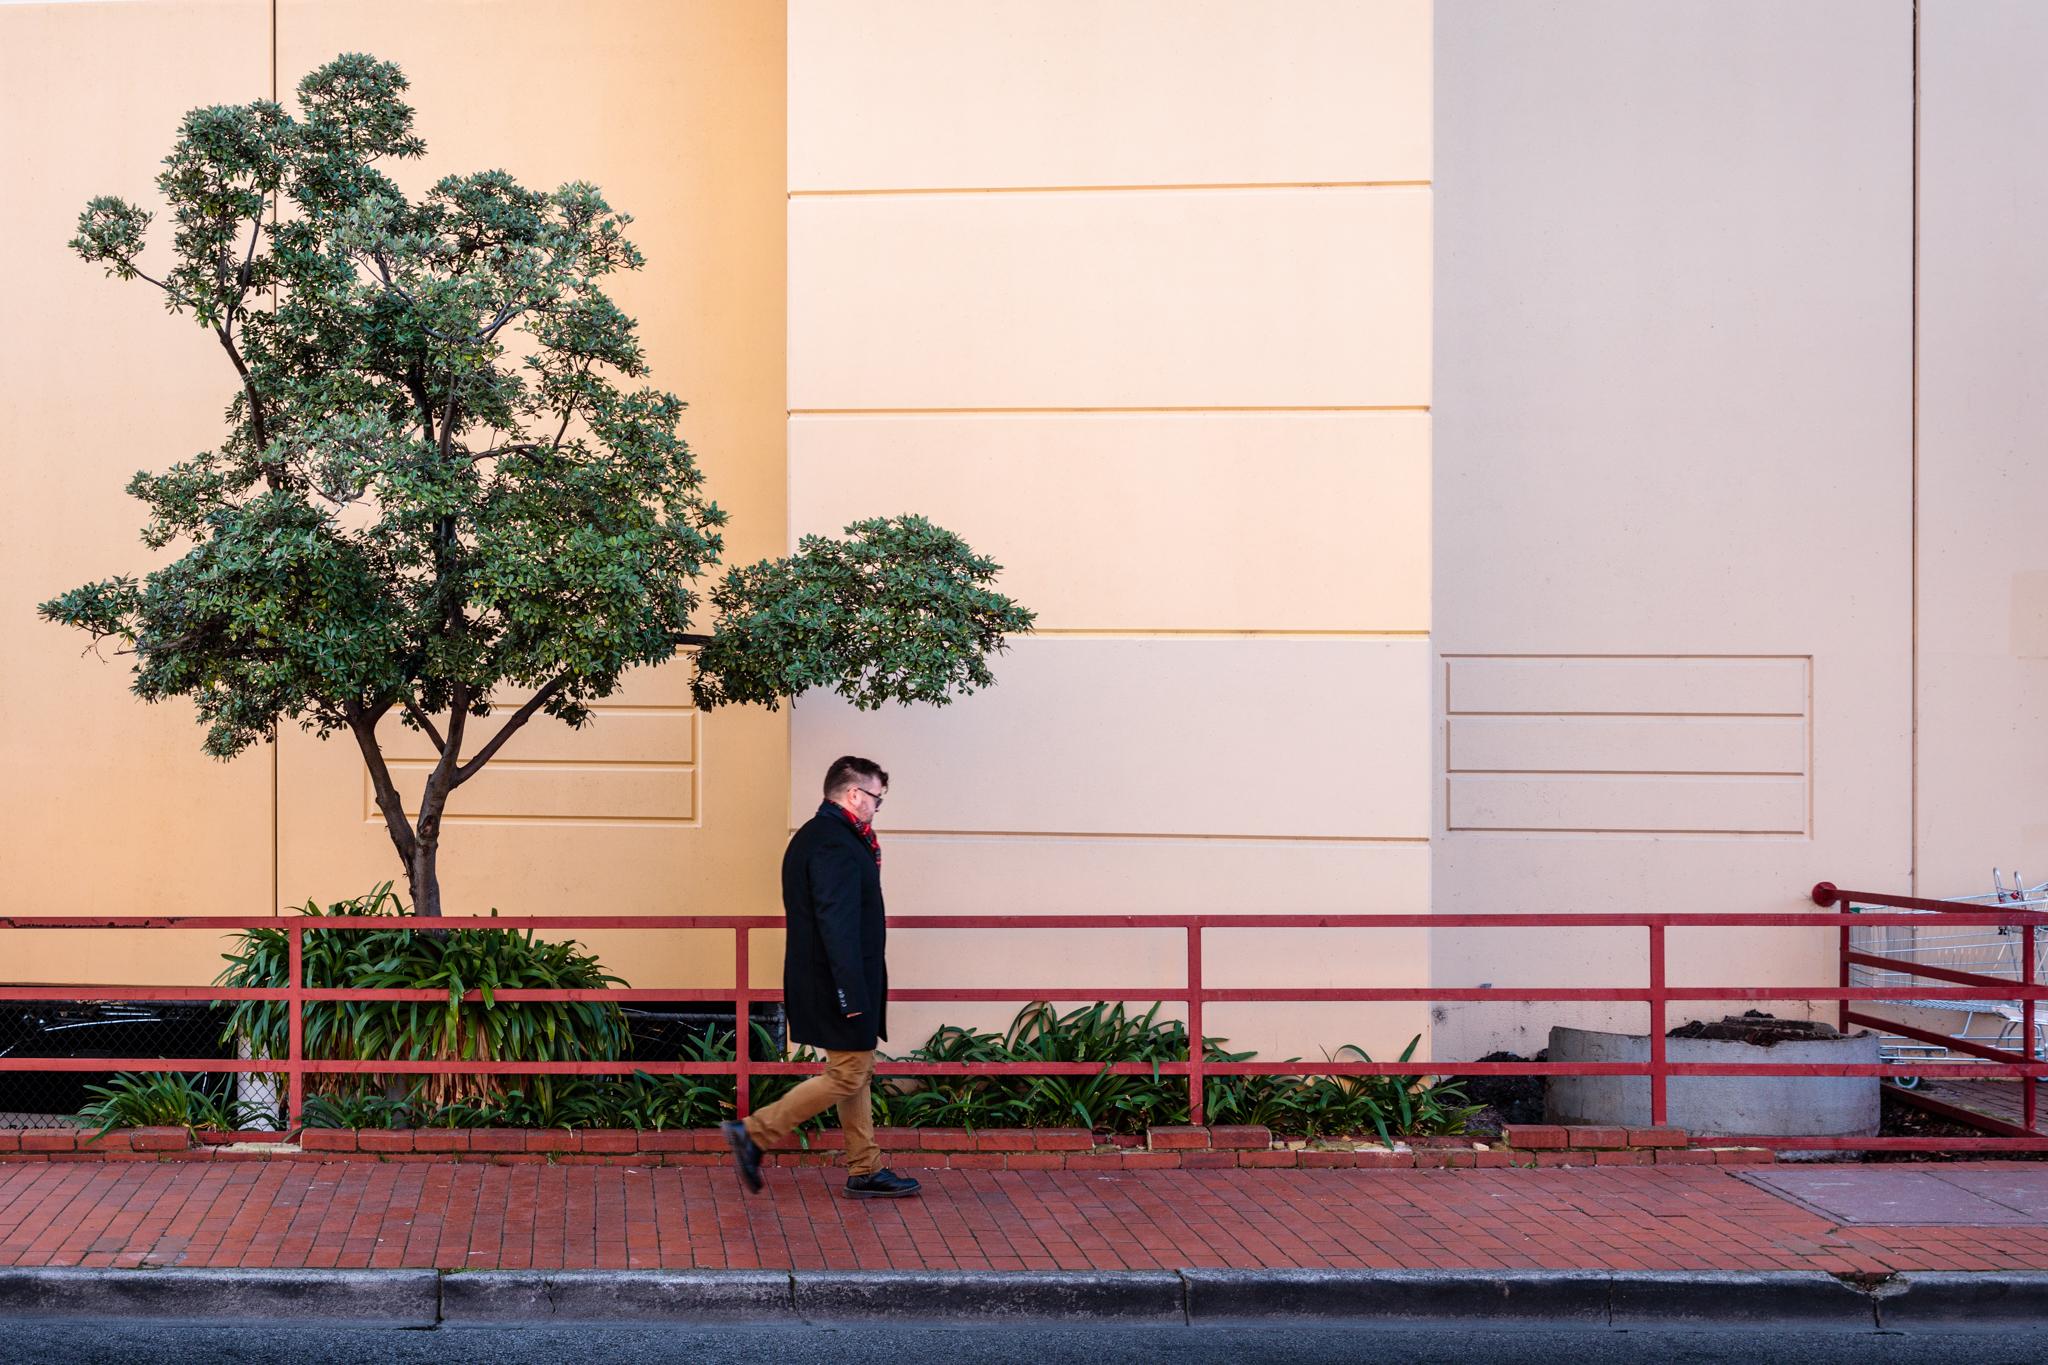 man-walking-past-tree.jpg